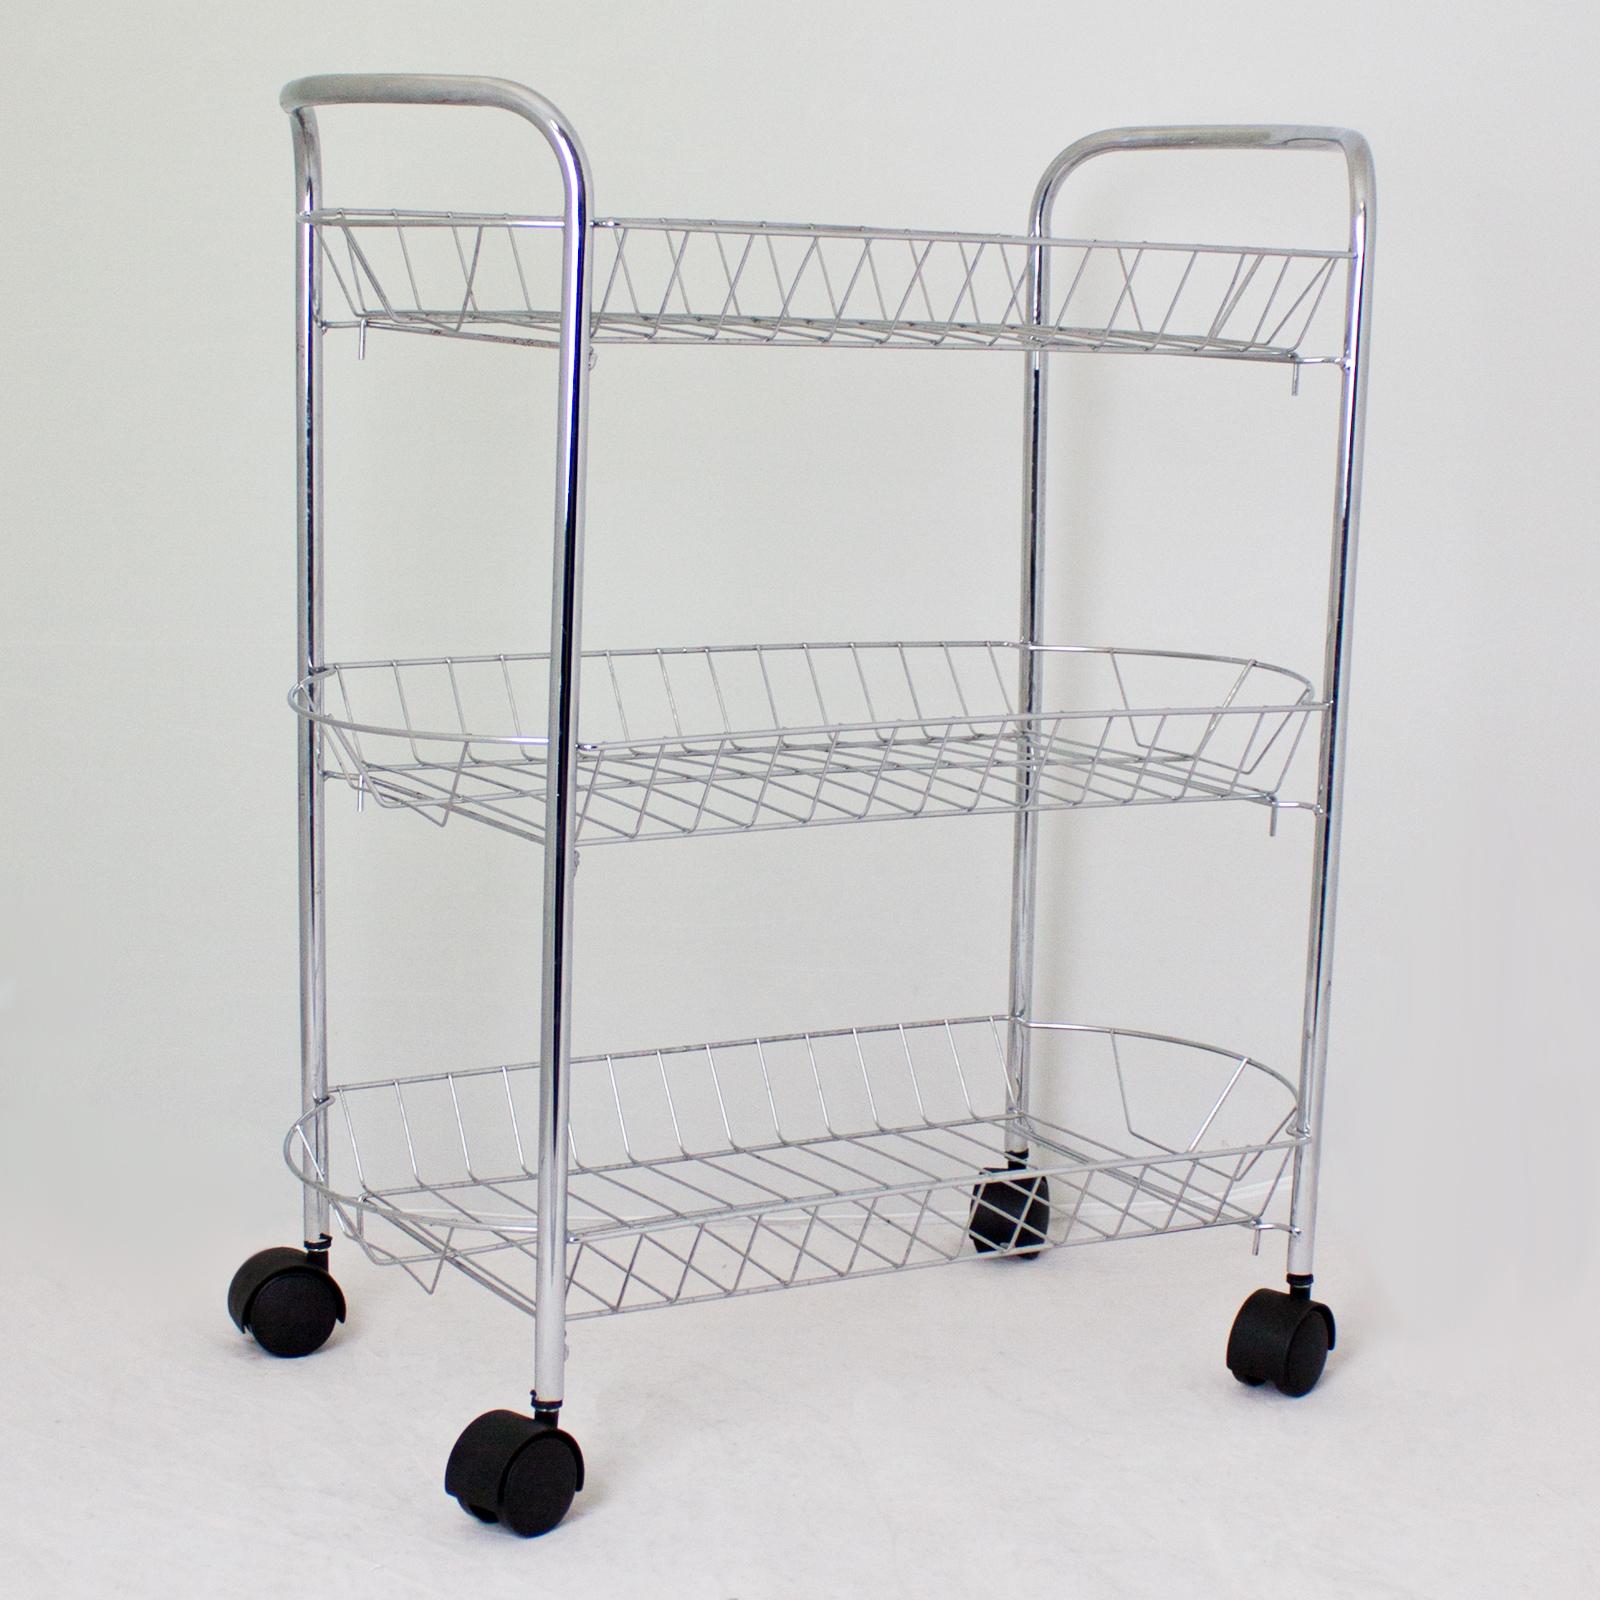 Kitchen Storage Trolleys: Storage Trolley Metal Multi Storage Kitchen Chrome 3 Tier